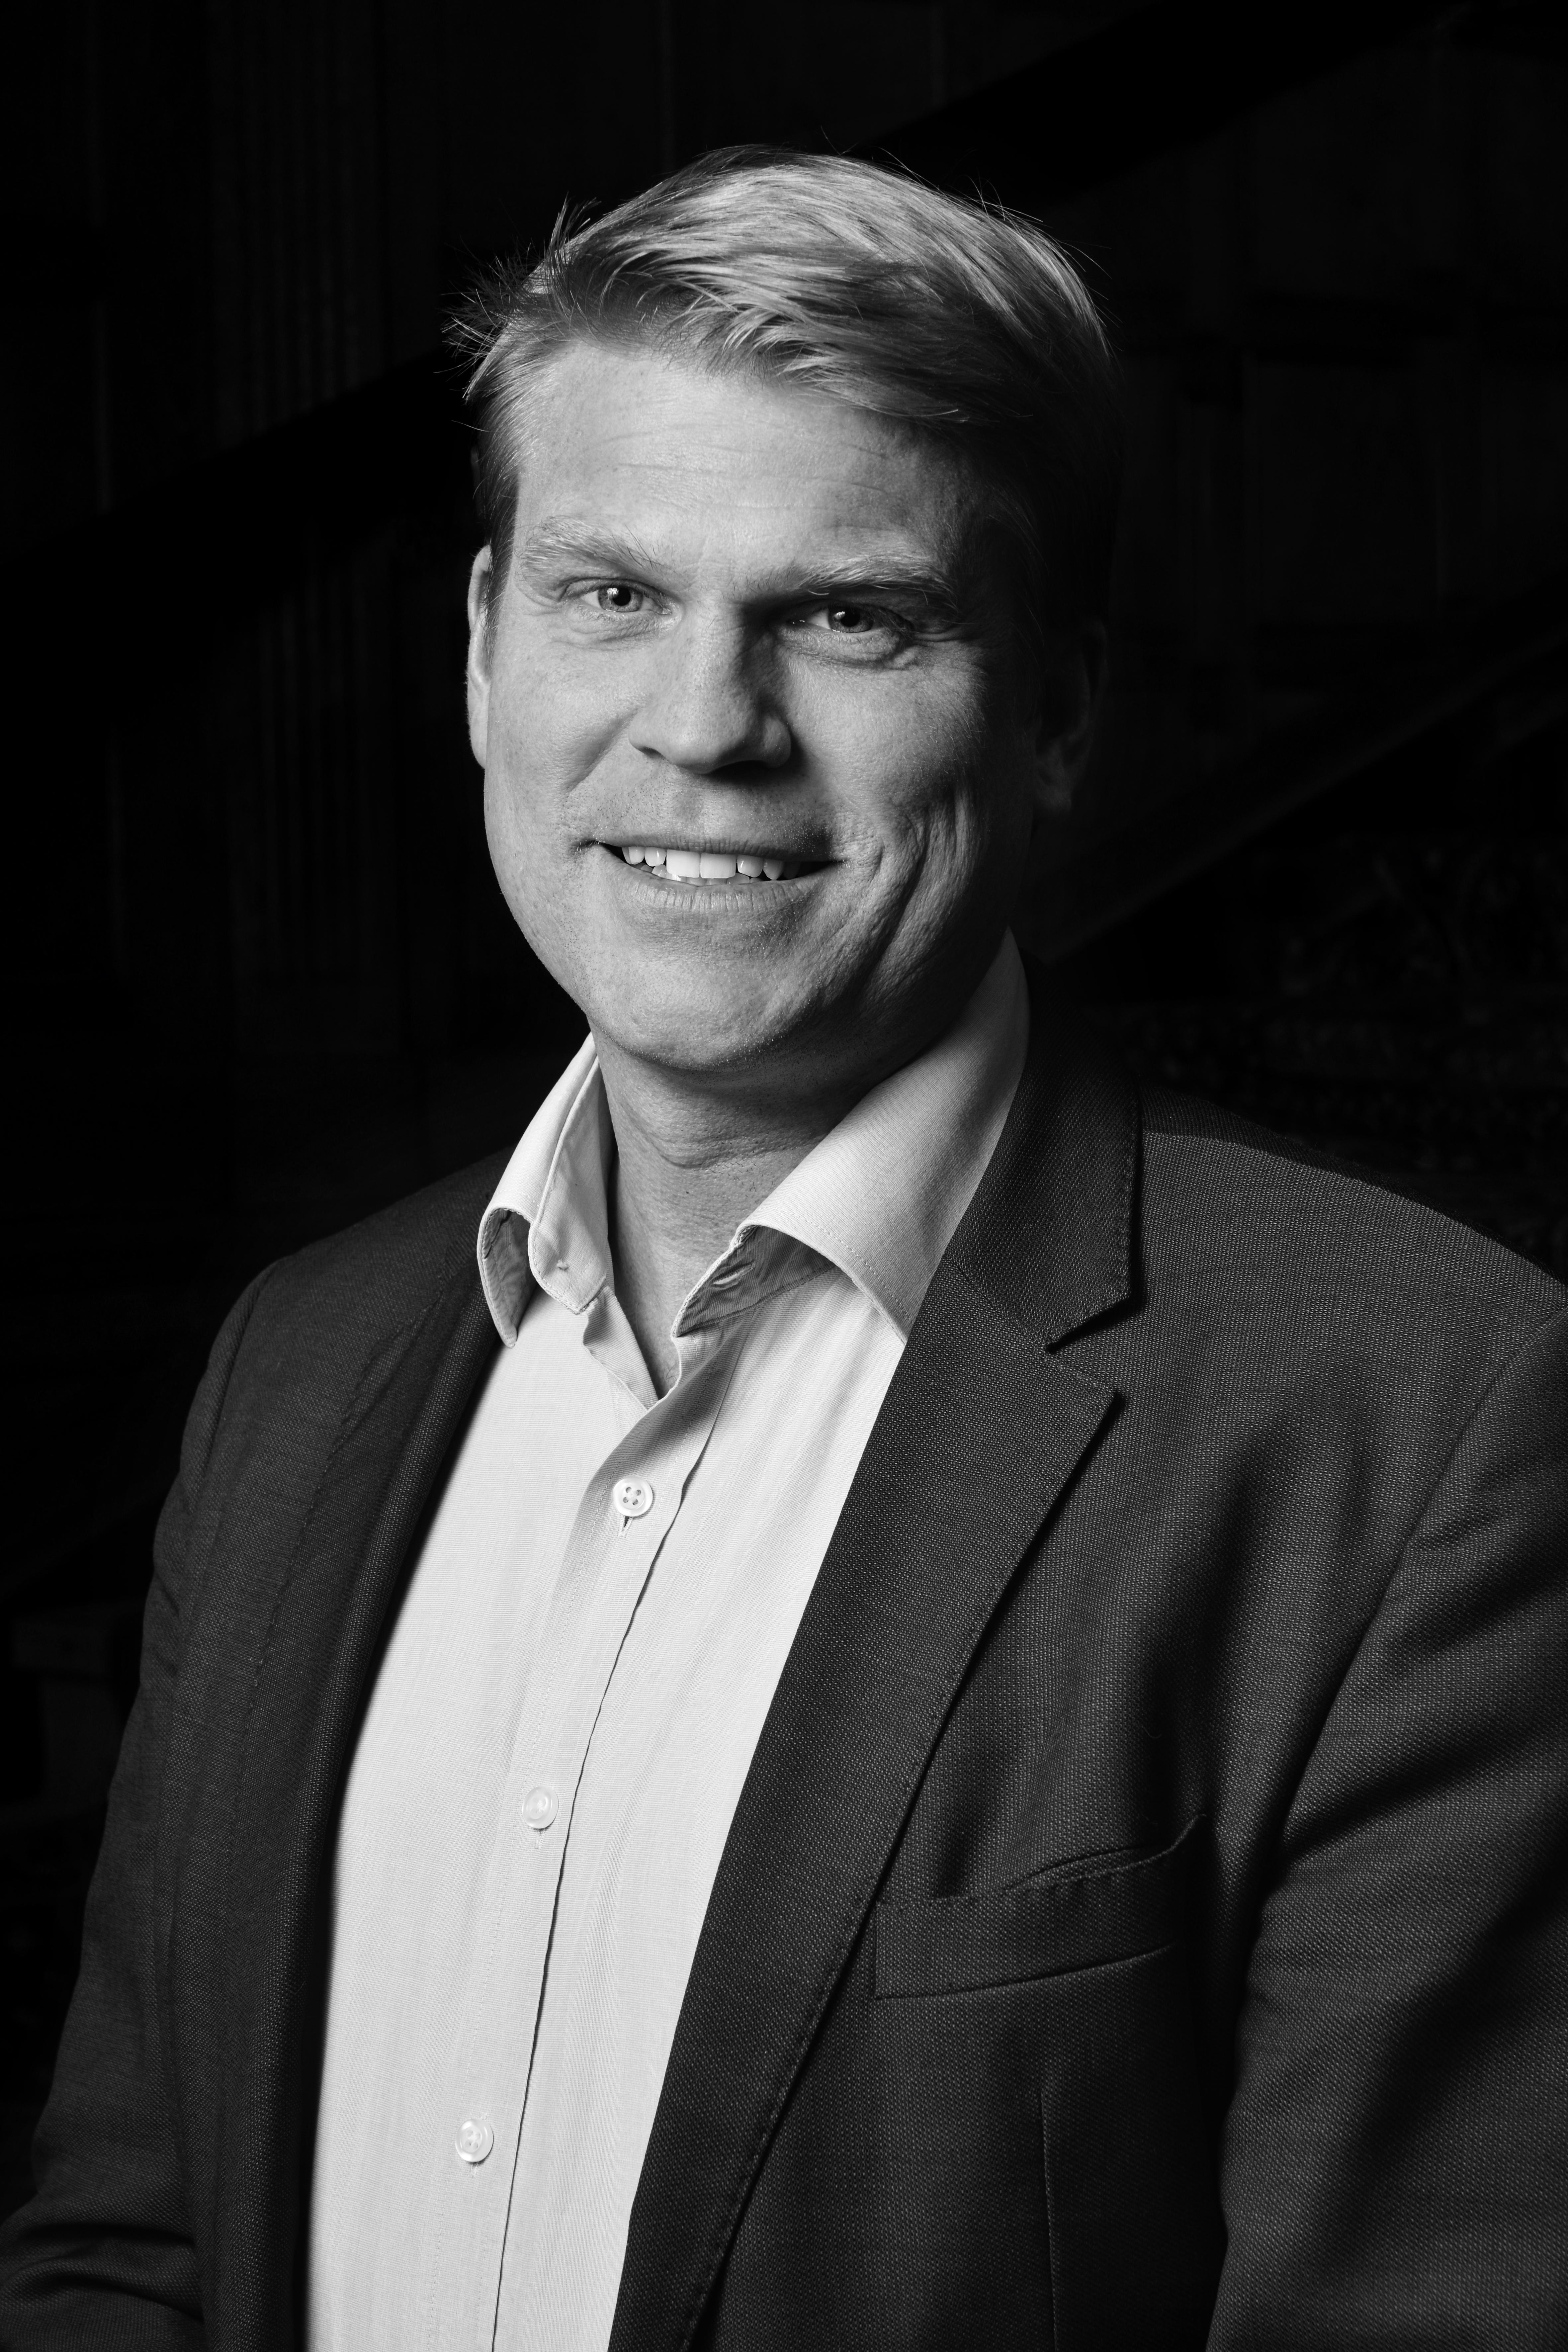 Henrik Svanqvist